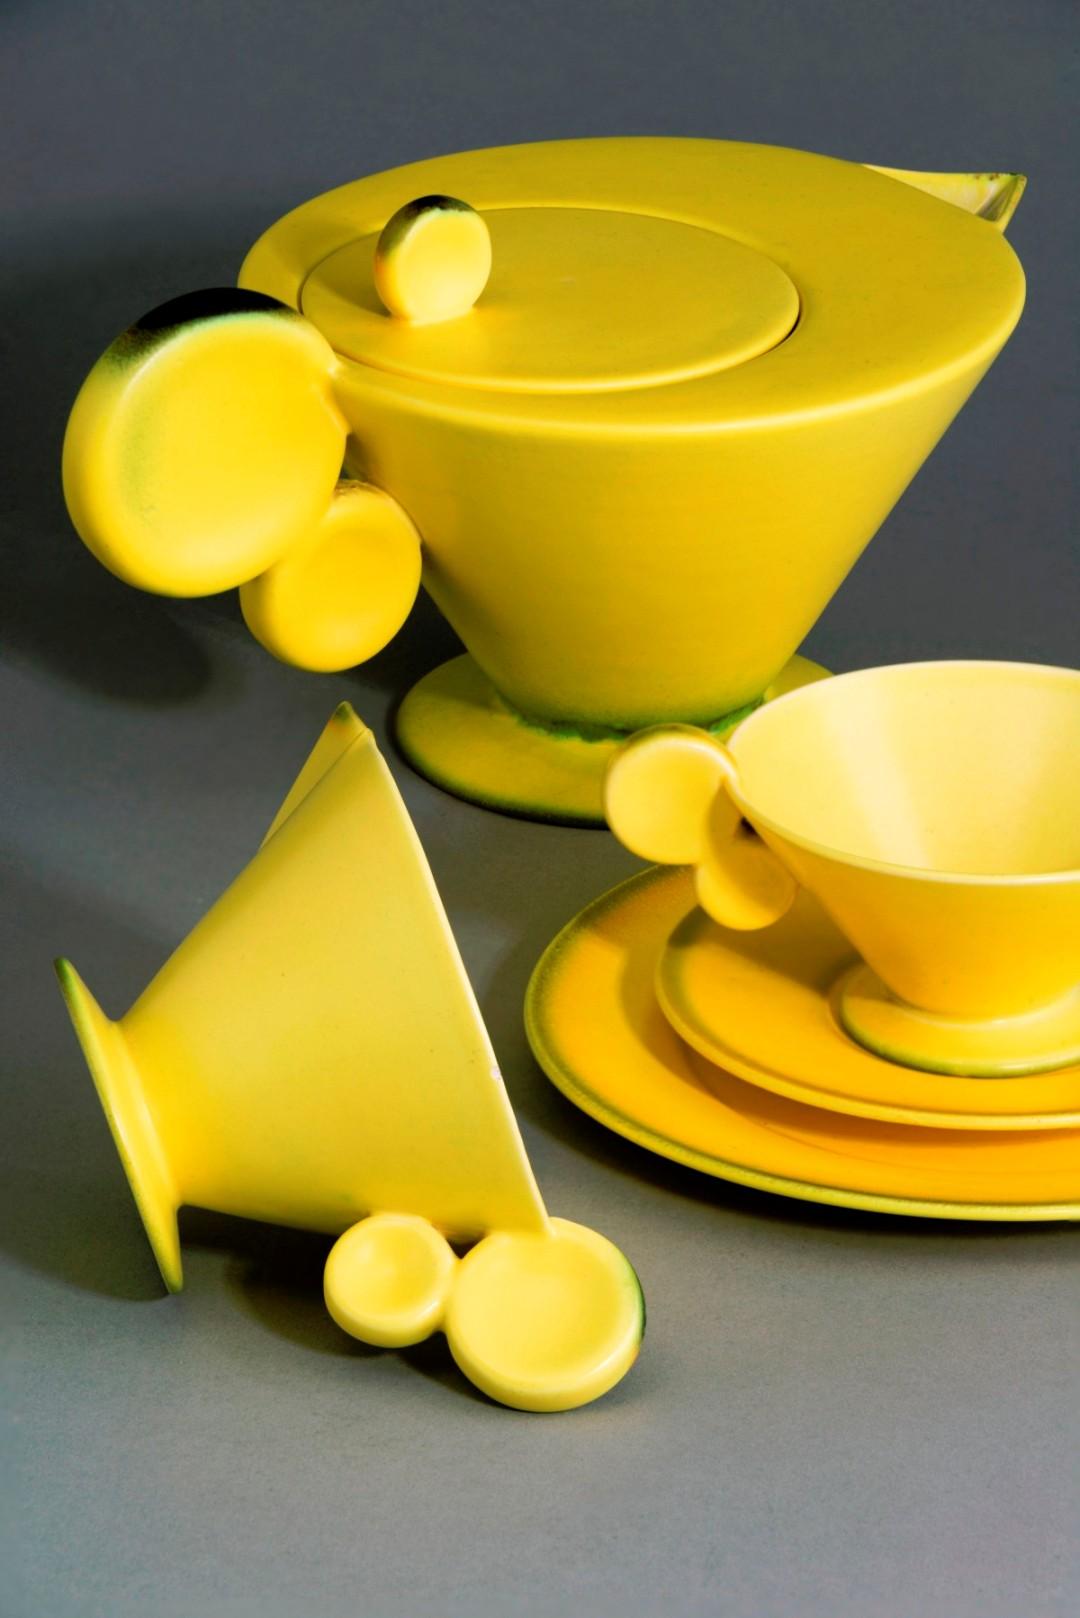 Чайный сервиз солнечного цвета необычной формы украсит собой интерьер